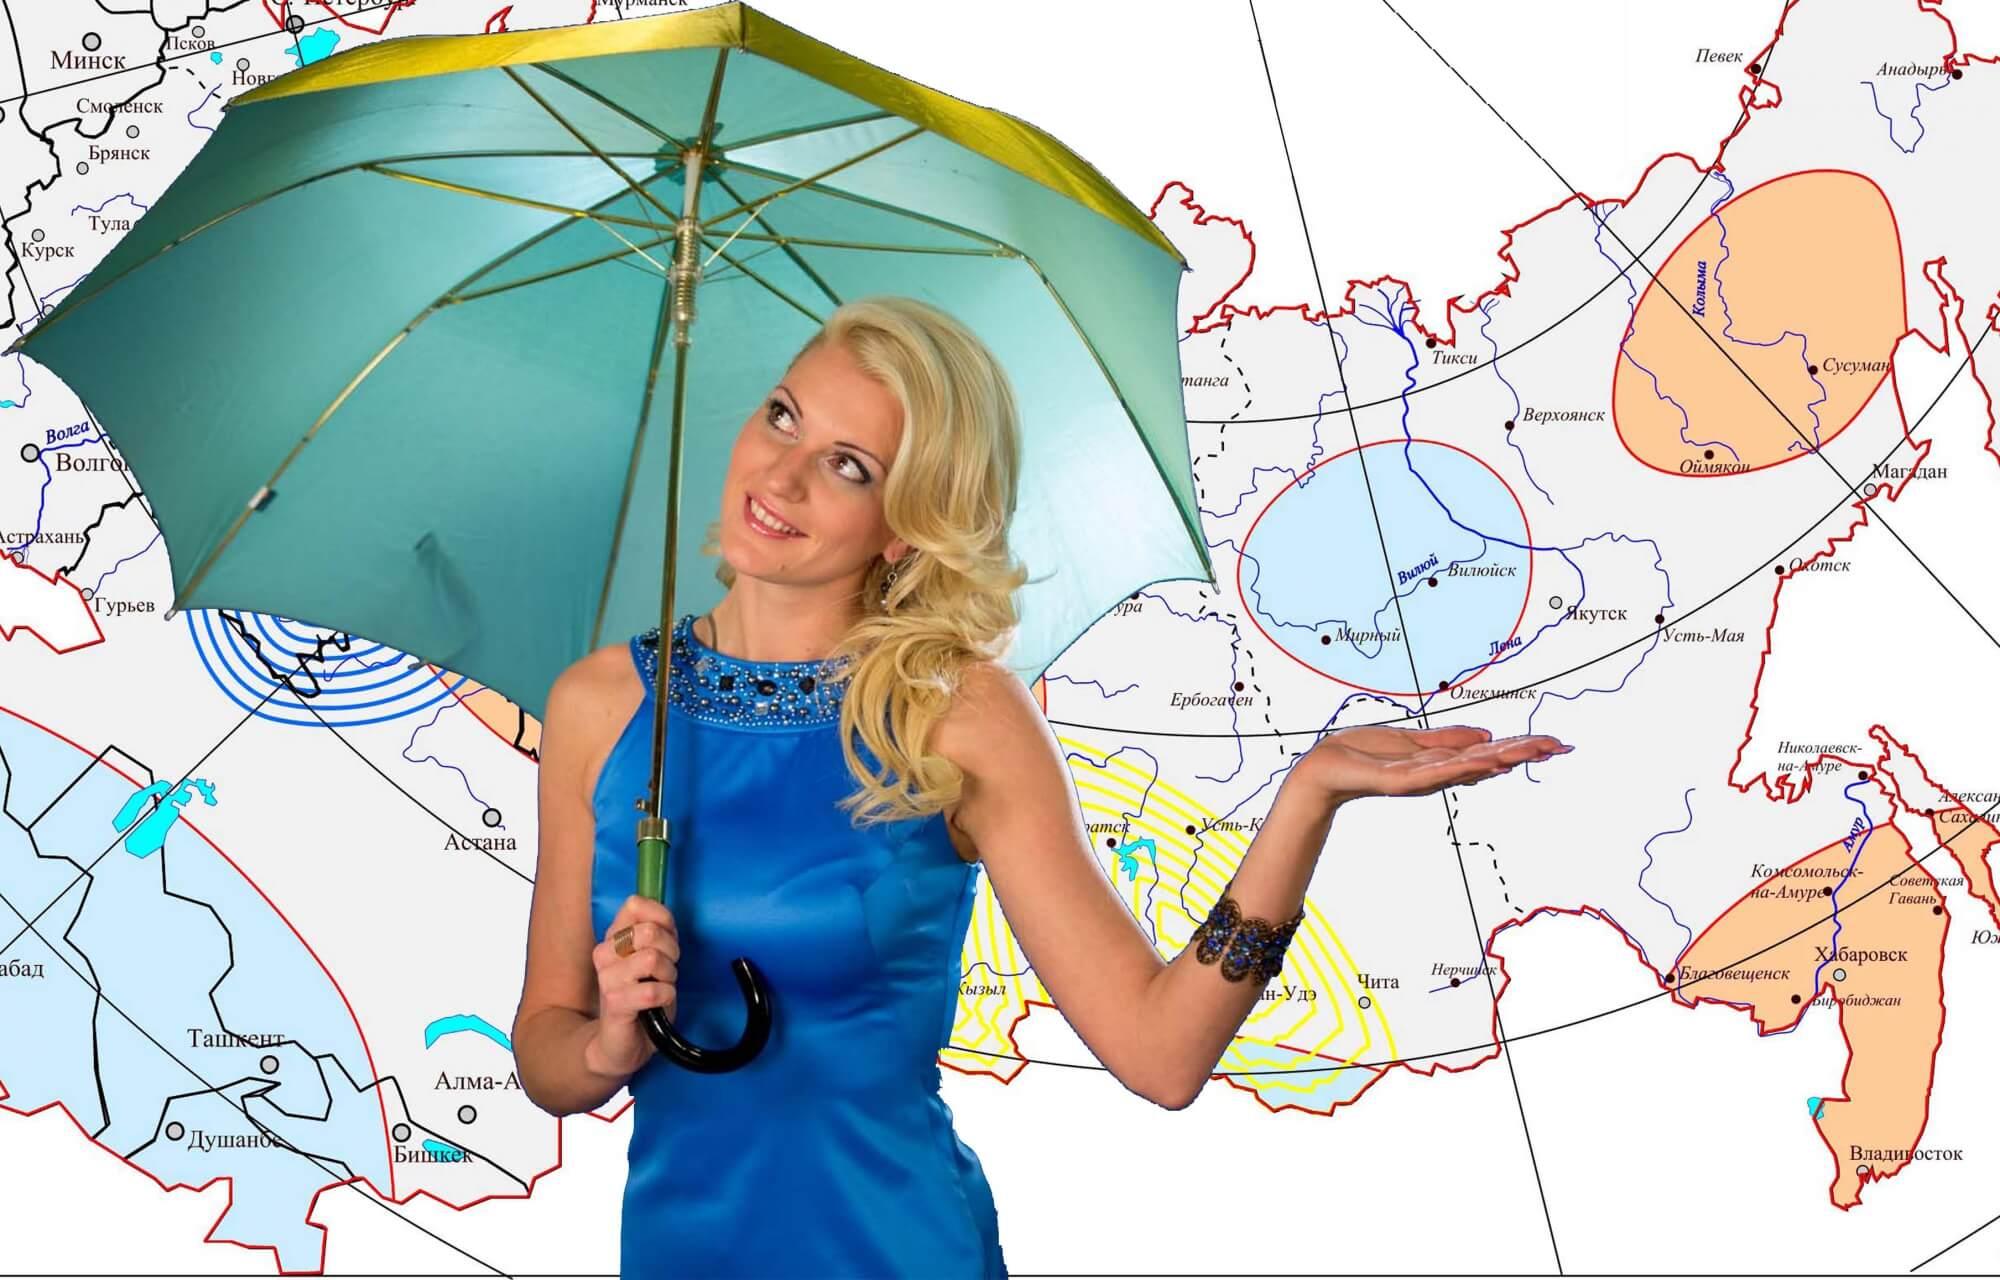 Особенности климата и прогноз погоды в Калининграде по сезонам: температура, осадки